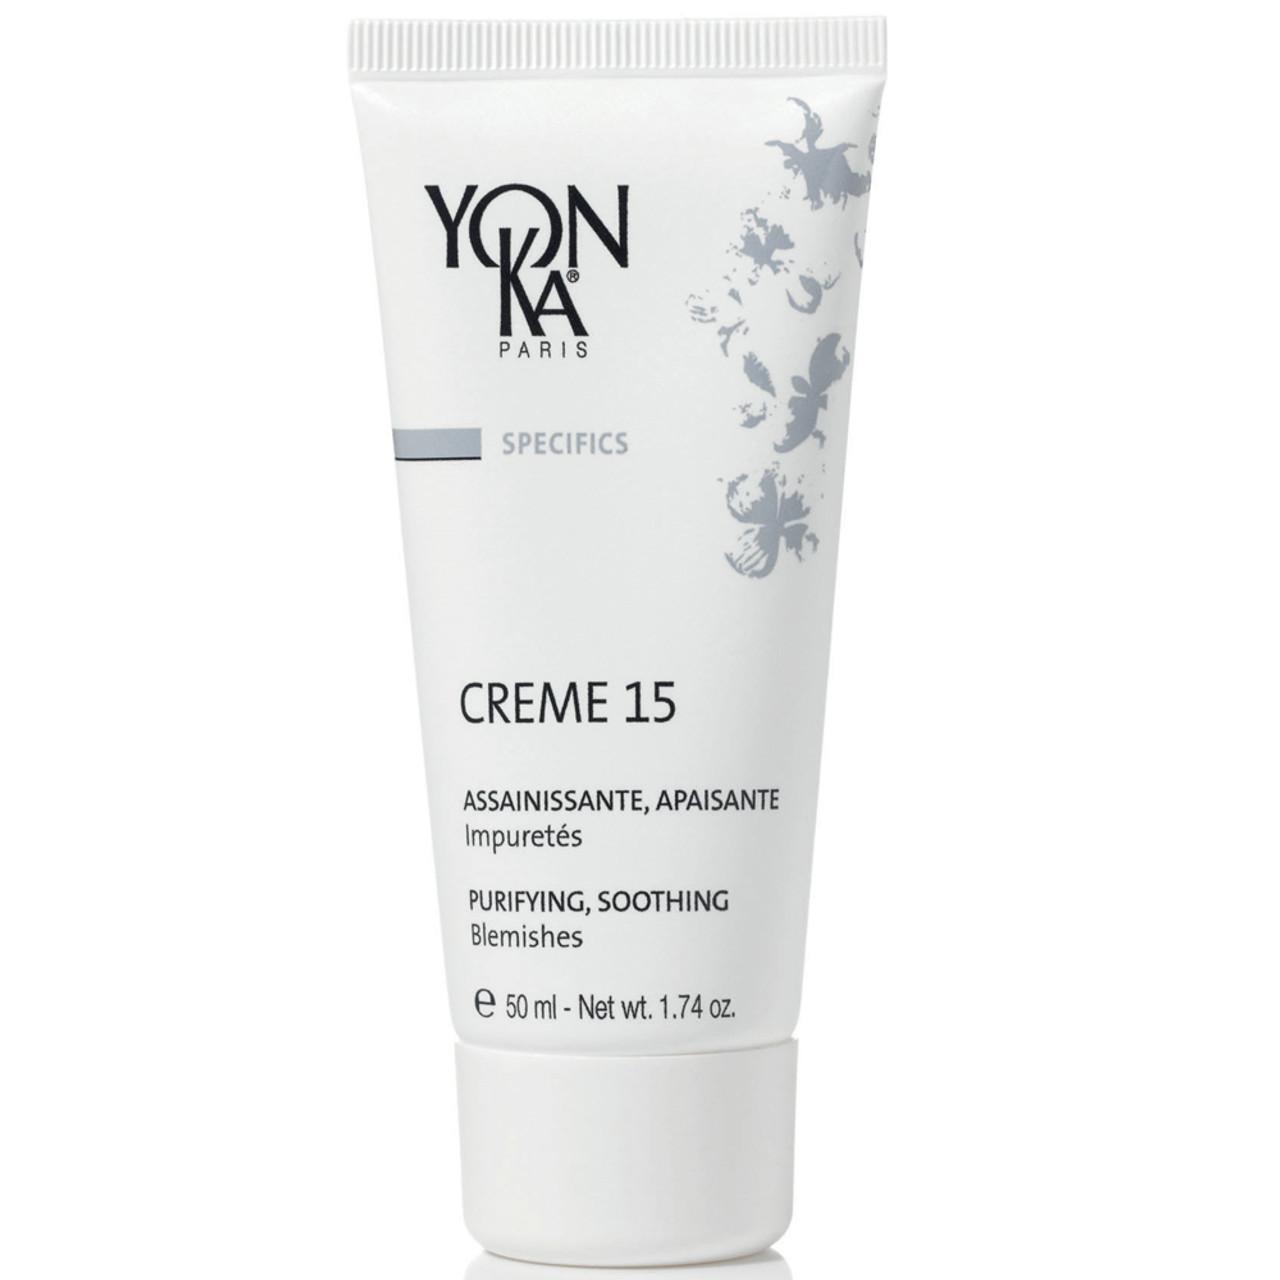 YonKa Creme 15 Purifying Creme